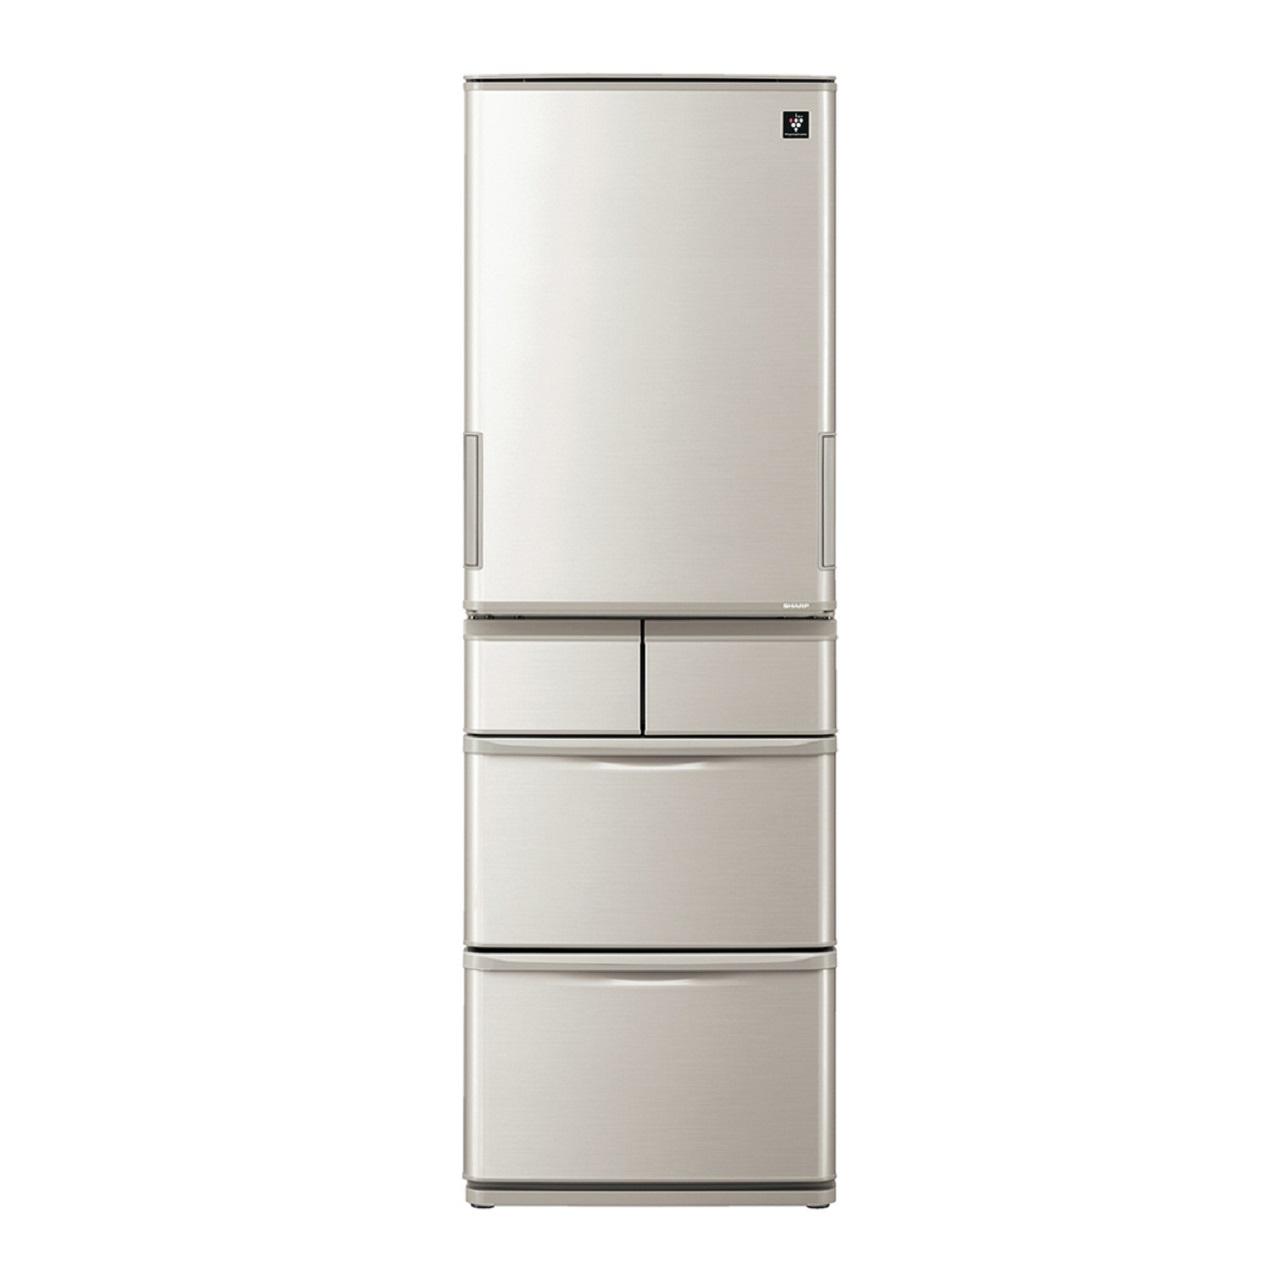 シャープSJ-W412F冷蔵庫